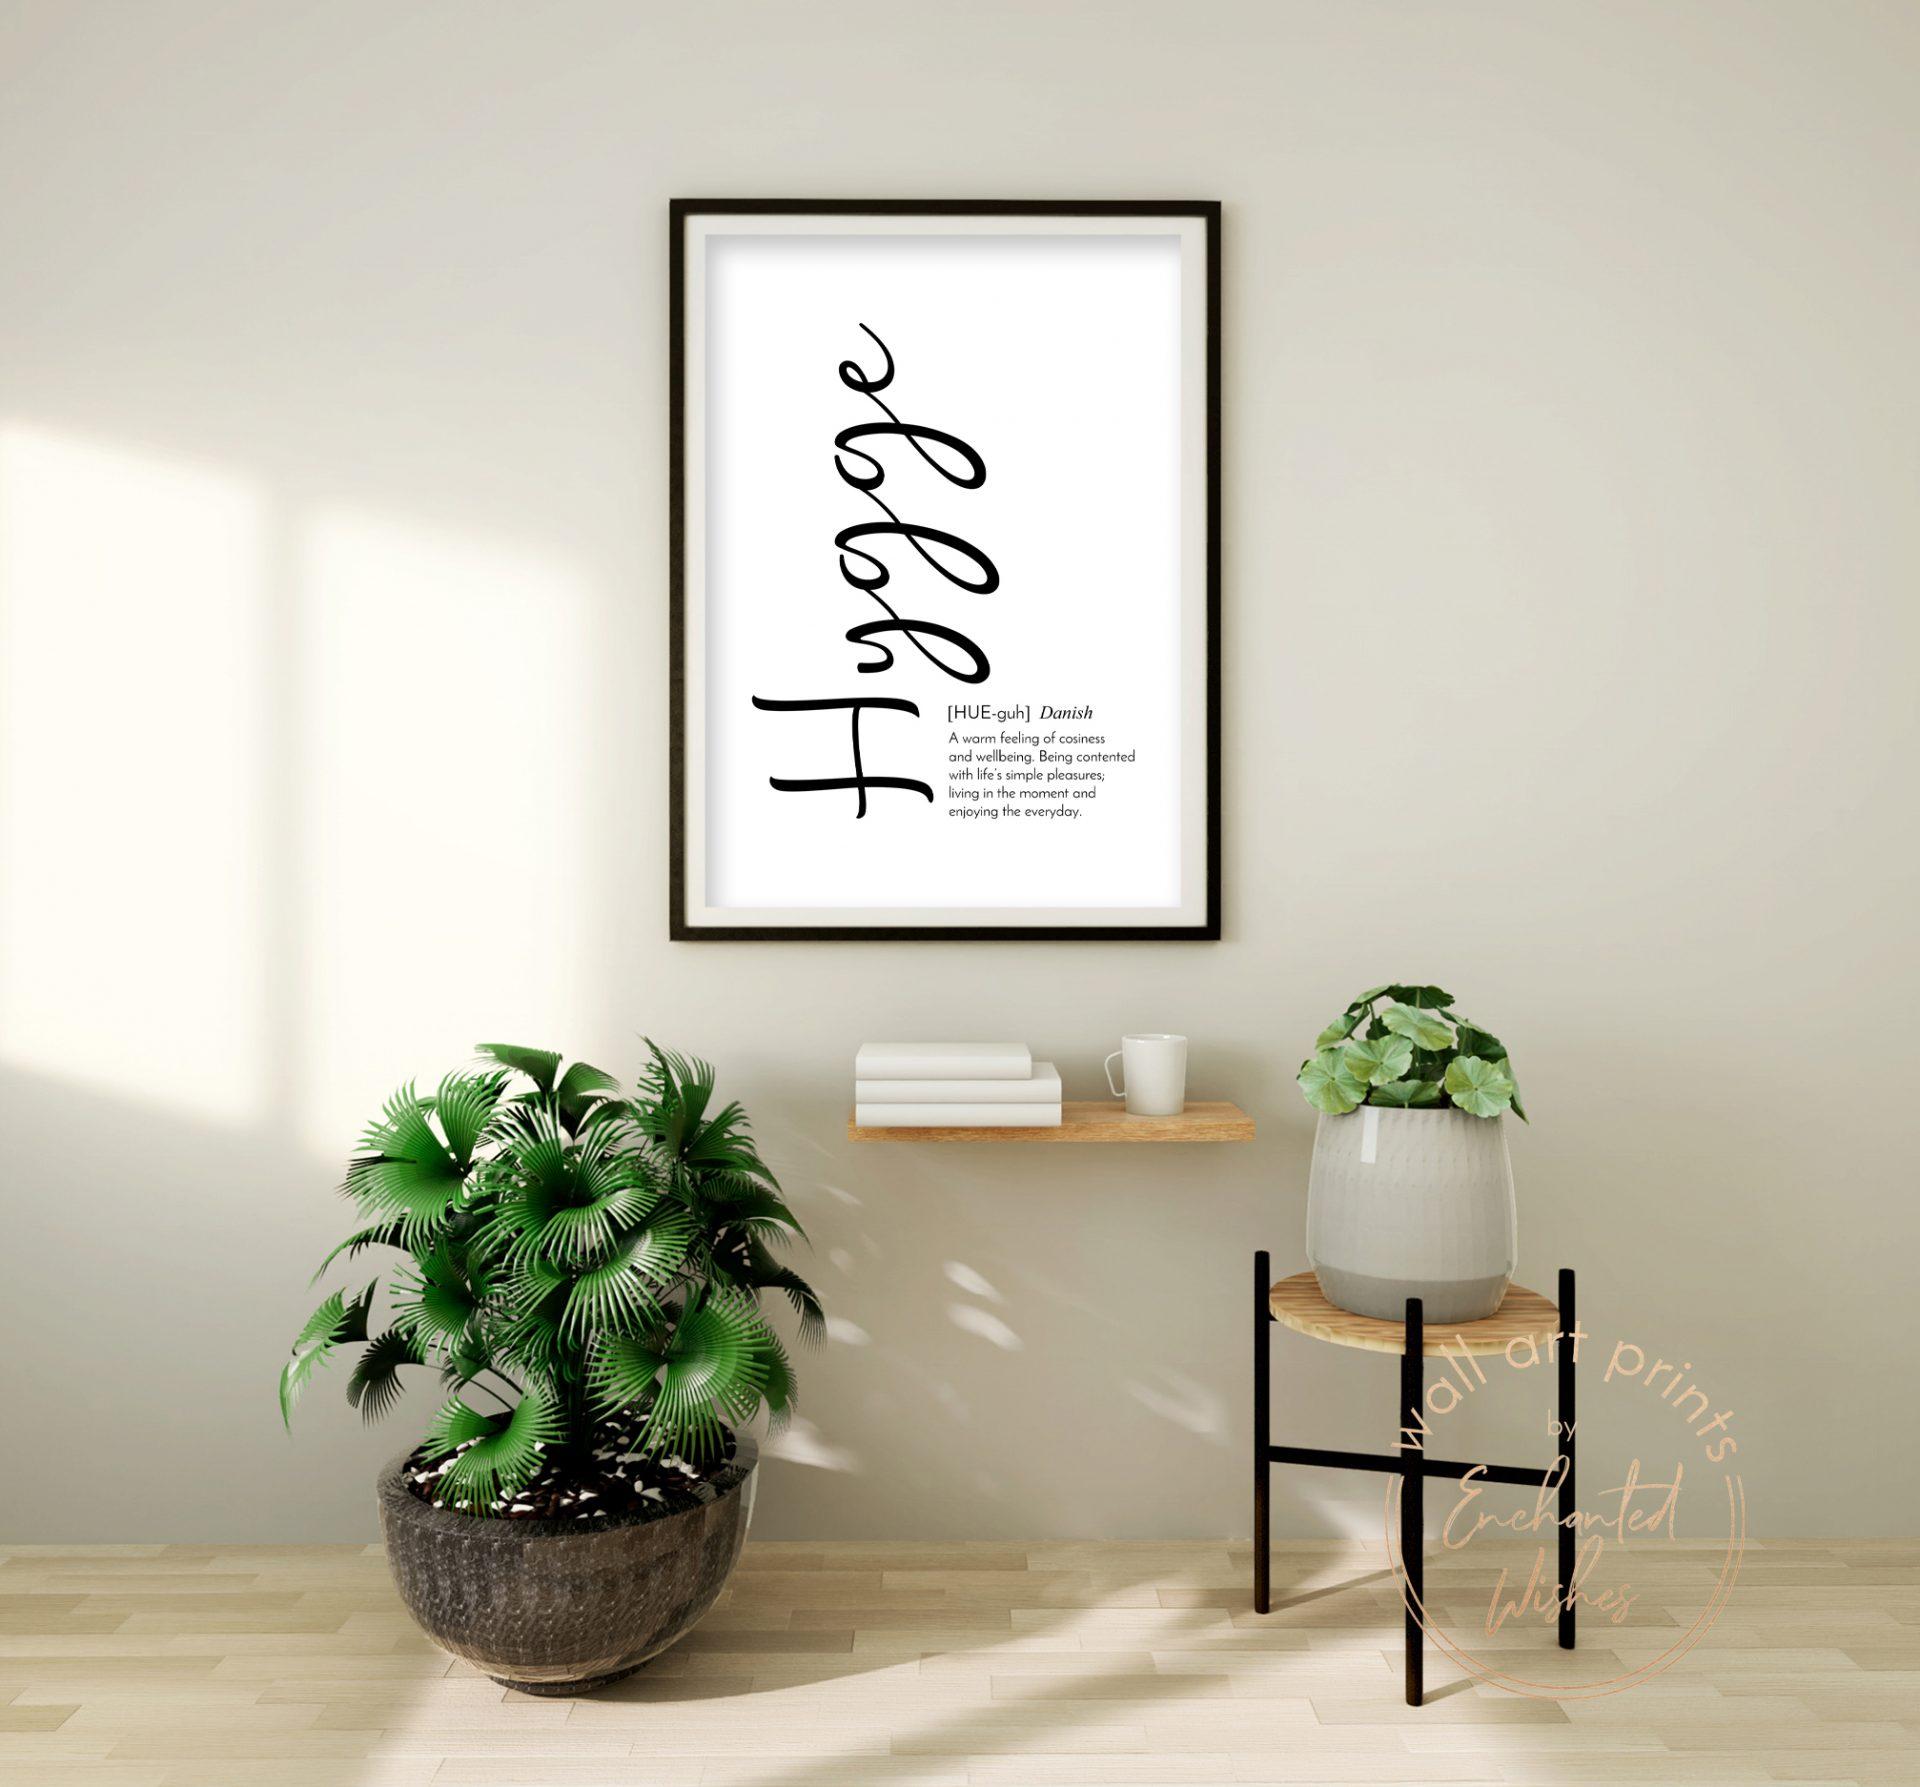 Hygge definition print